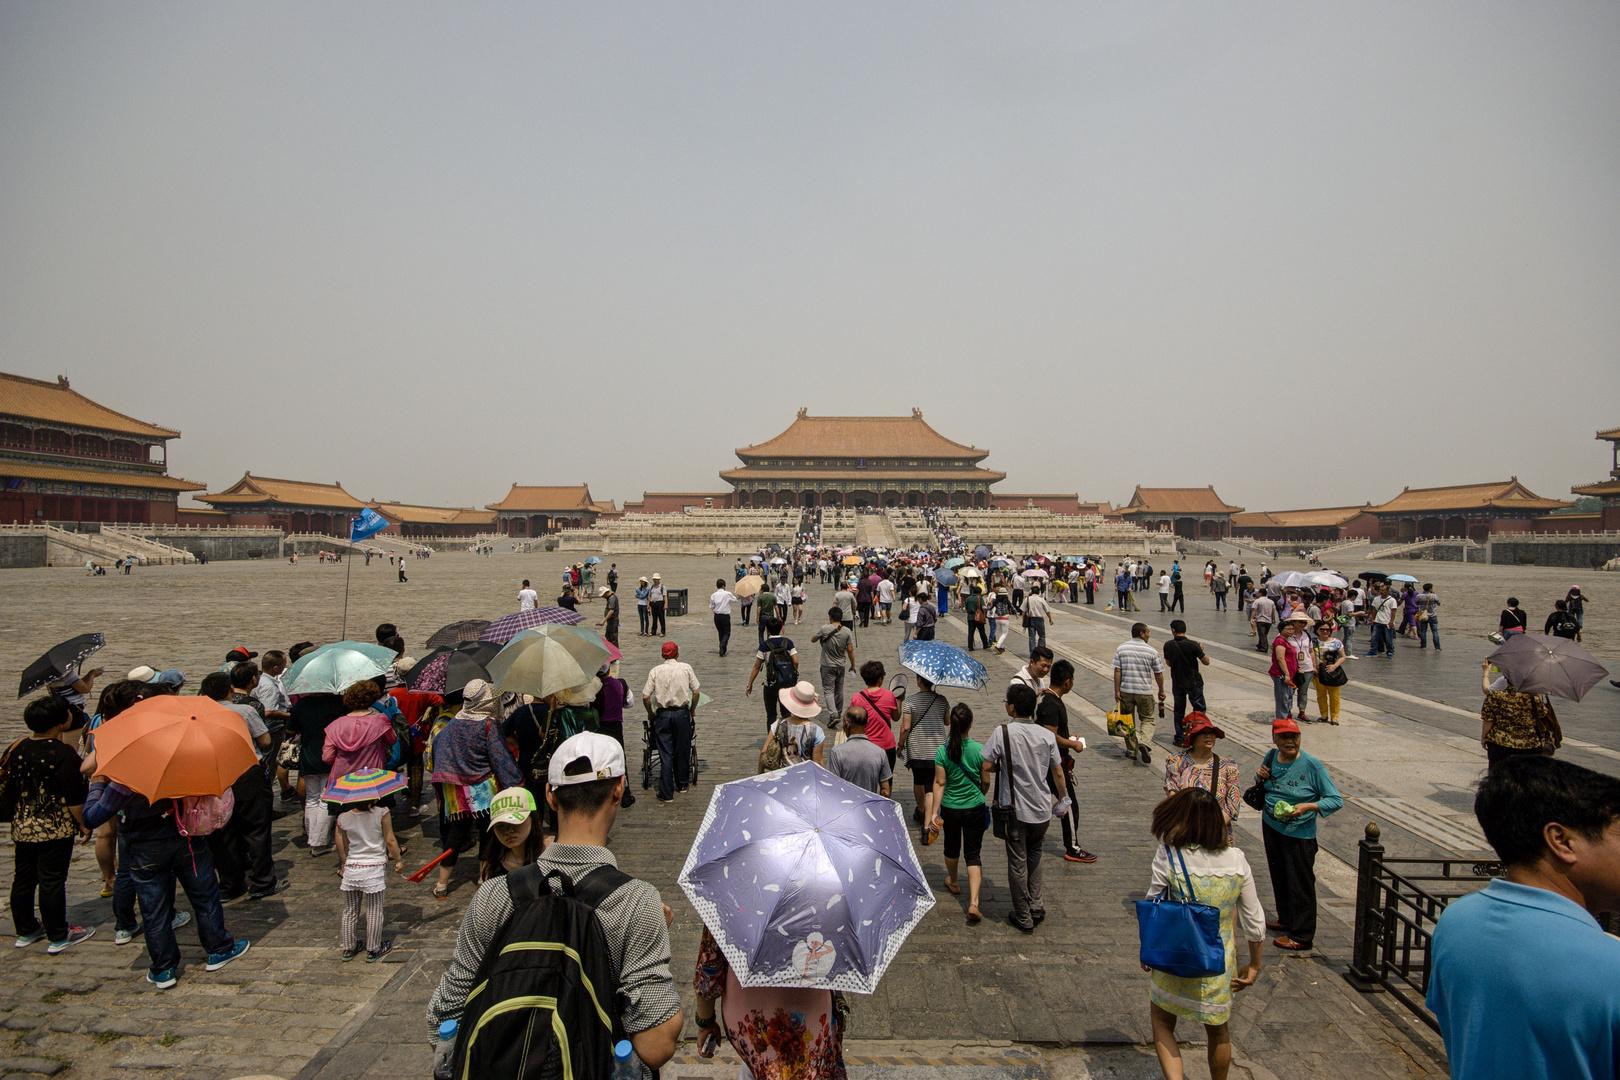 067 - Beijing - Forbidden City